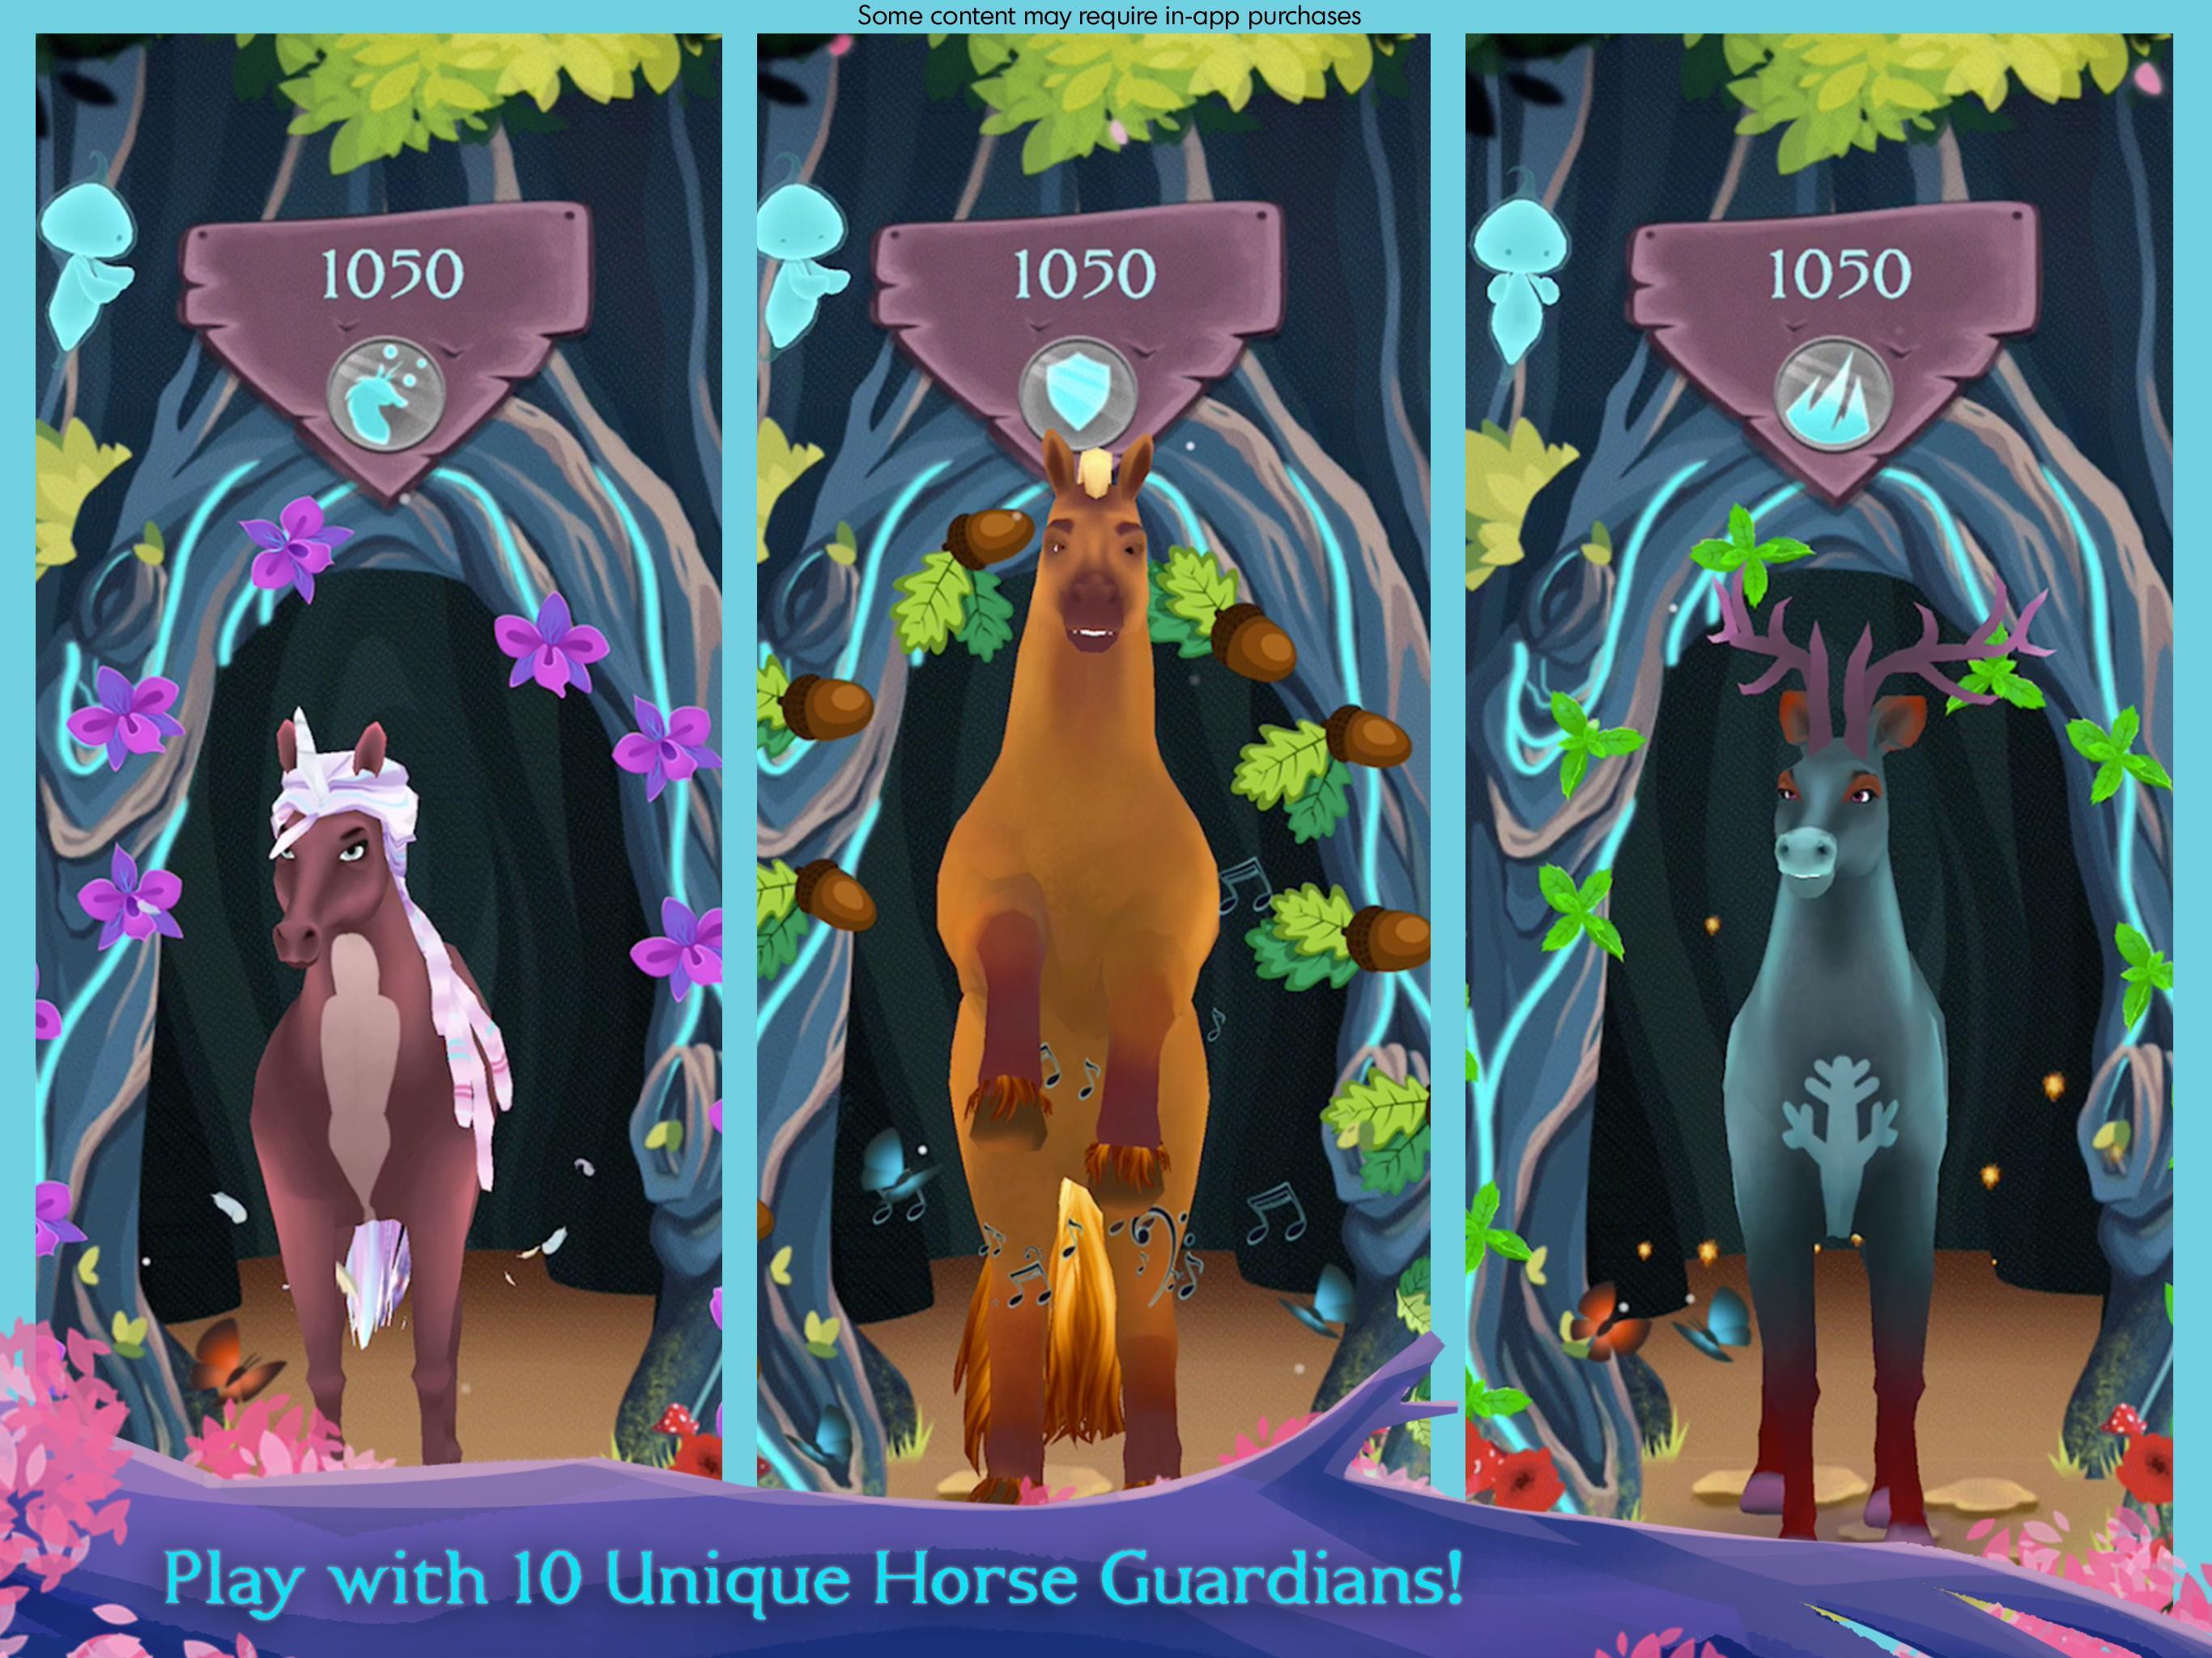 EverRun The Horse Guardians - Epic Endless Runner 2.3 Screenshot 12